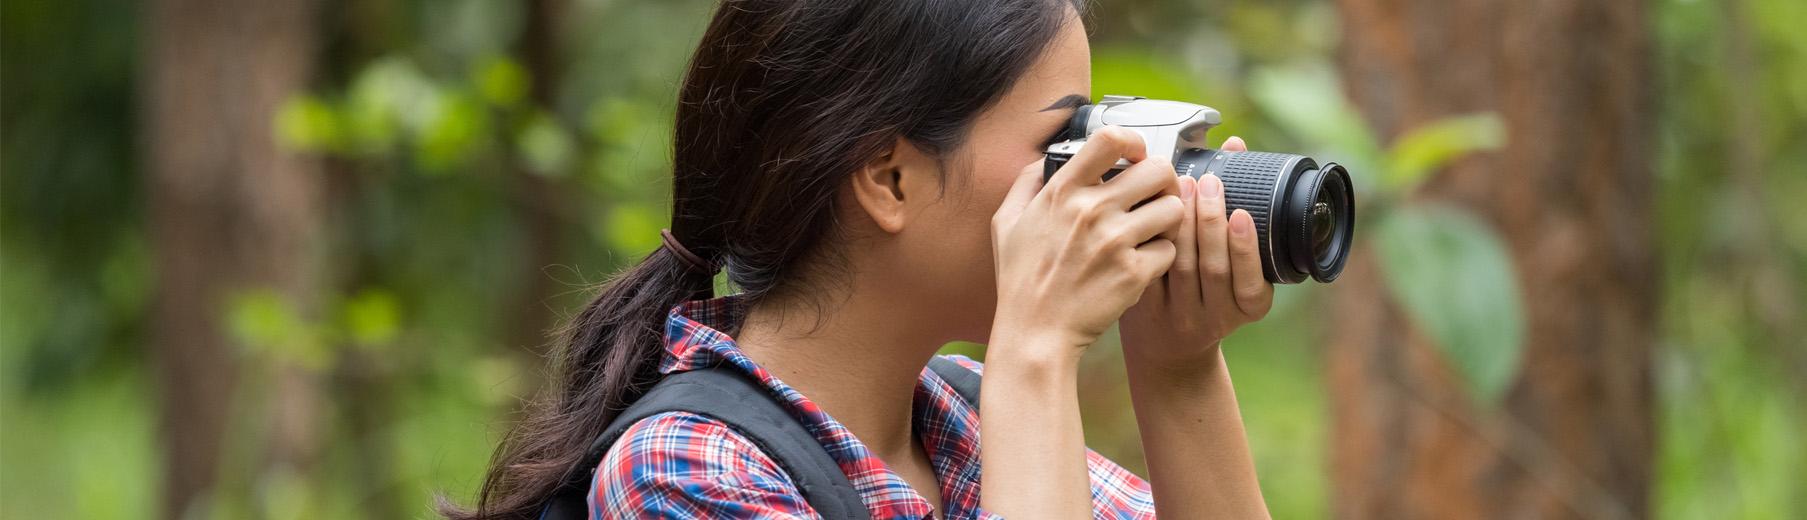 Η φωτογραφική μηχανή είναι ίσως το σημαντικότερο travel gadget.